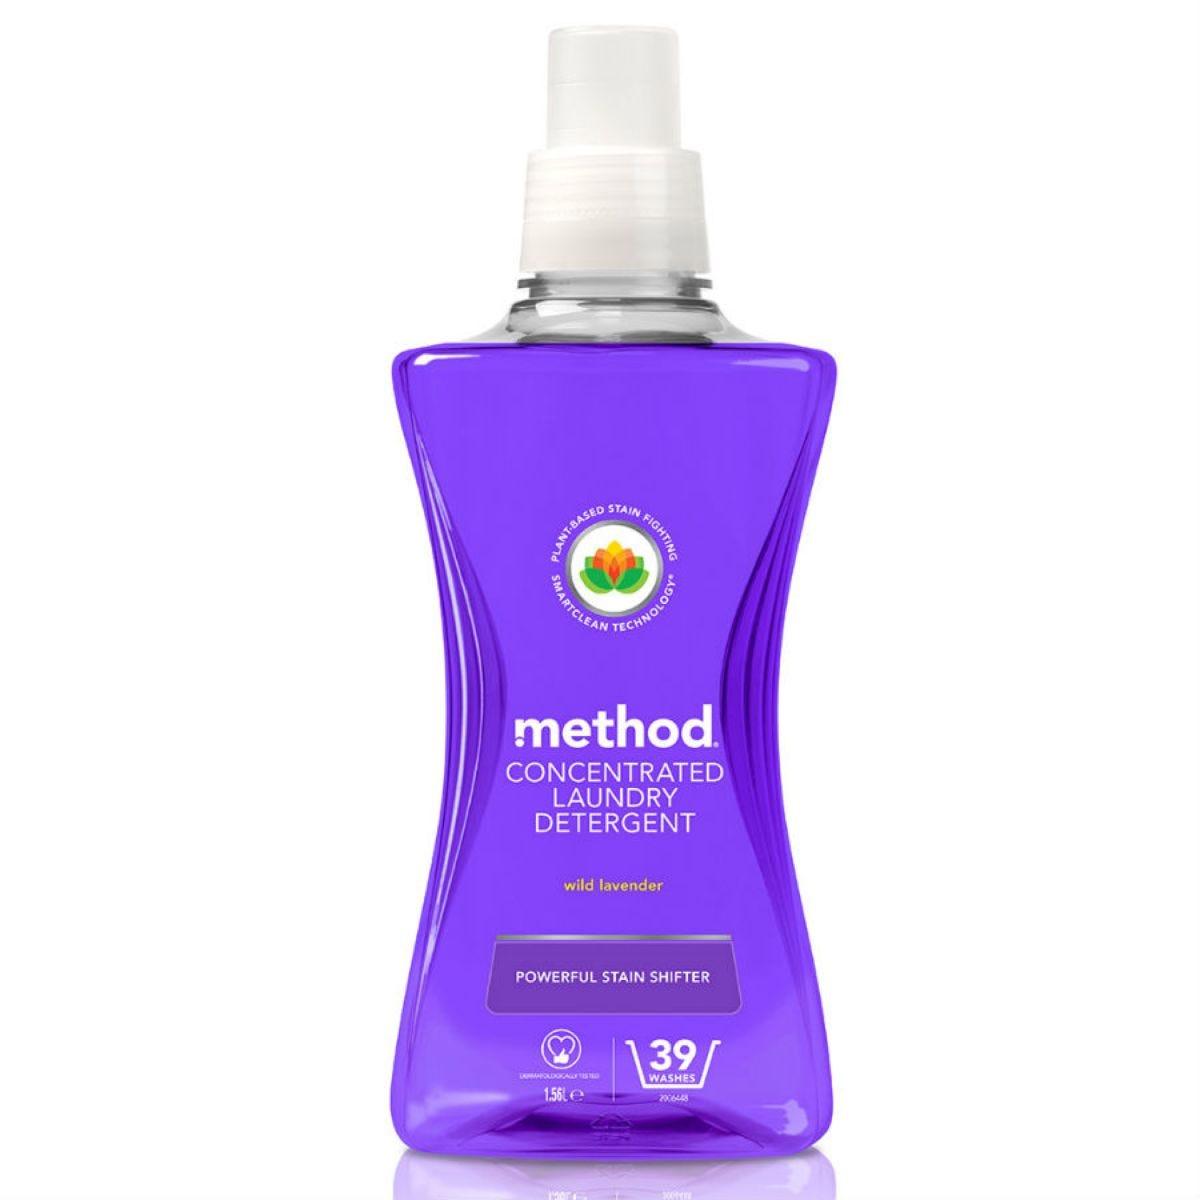 Method Laundry Liquid Detergent - Wild Lavender